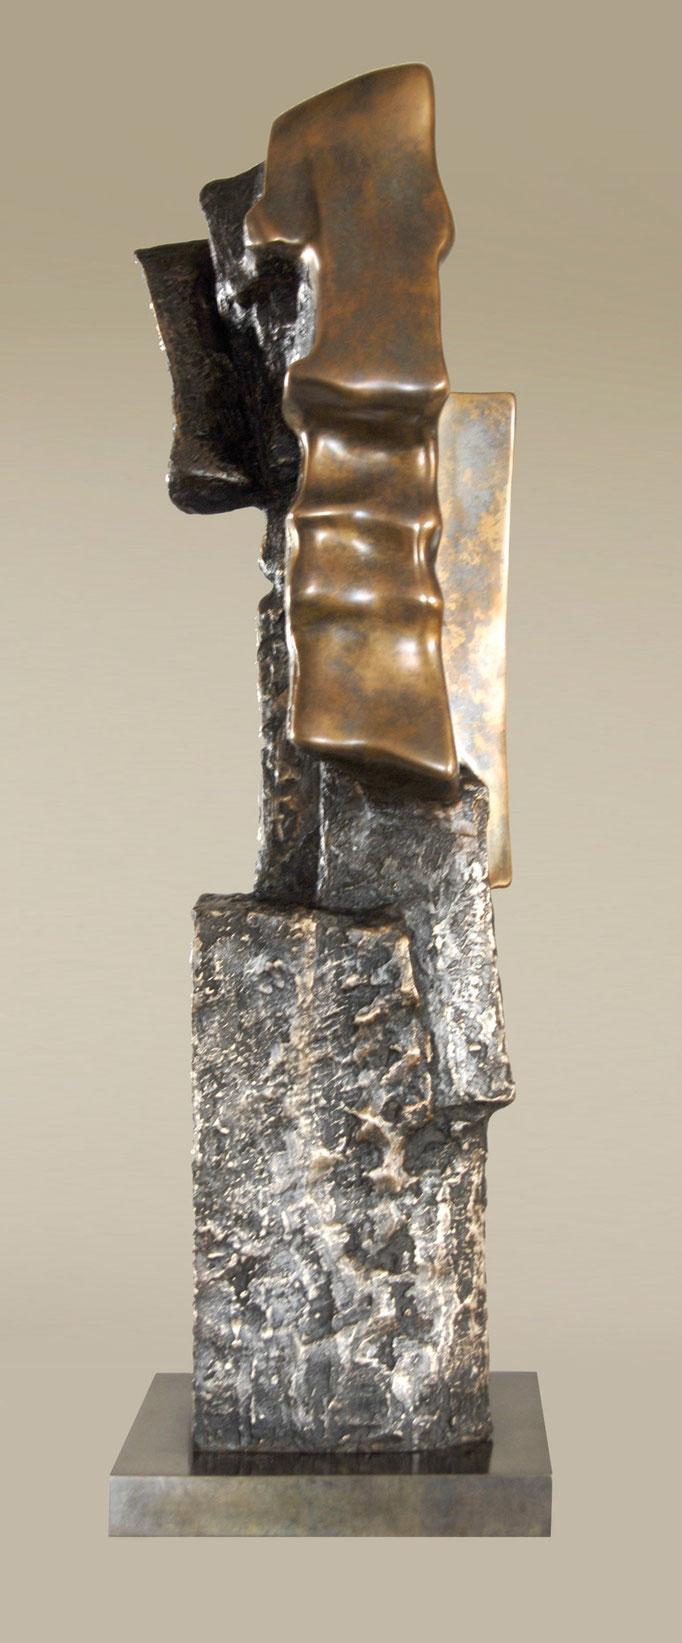 MEMOIRE D'UN EMPEREUR, Bronze - 6,5 X 22,5 po. - 8 de 8 - I de IV